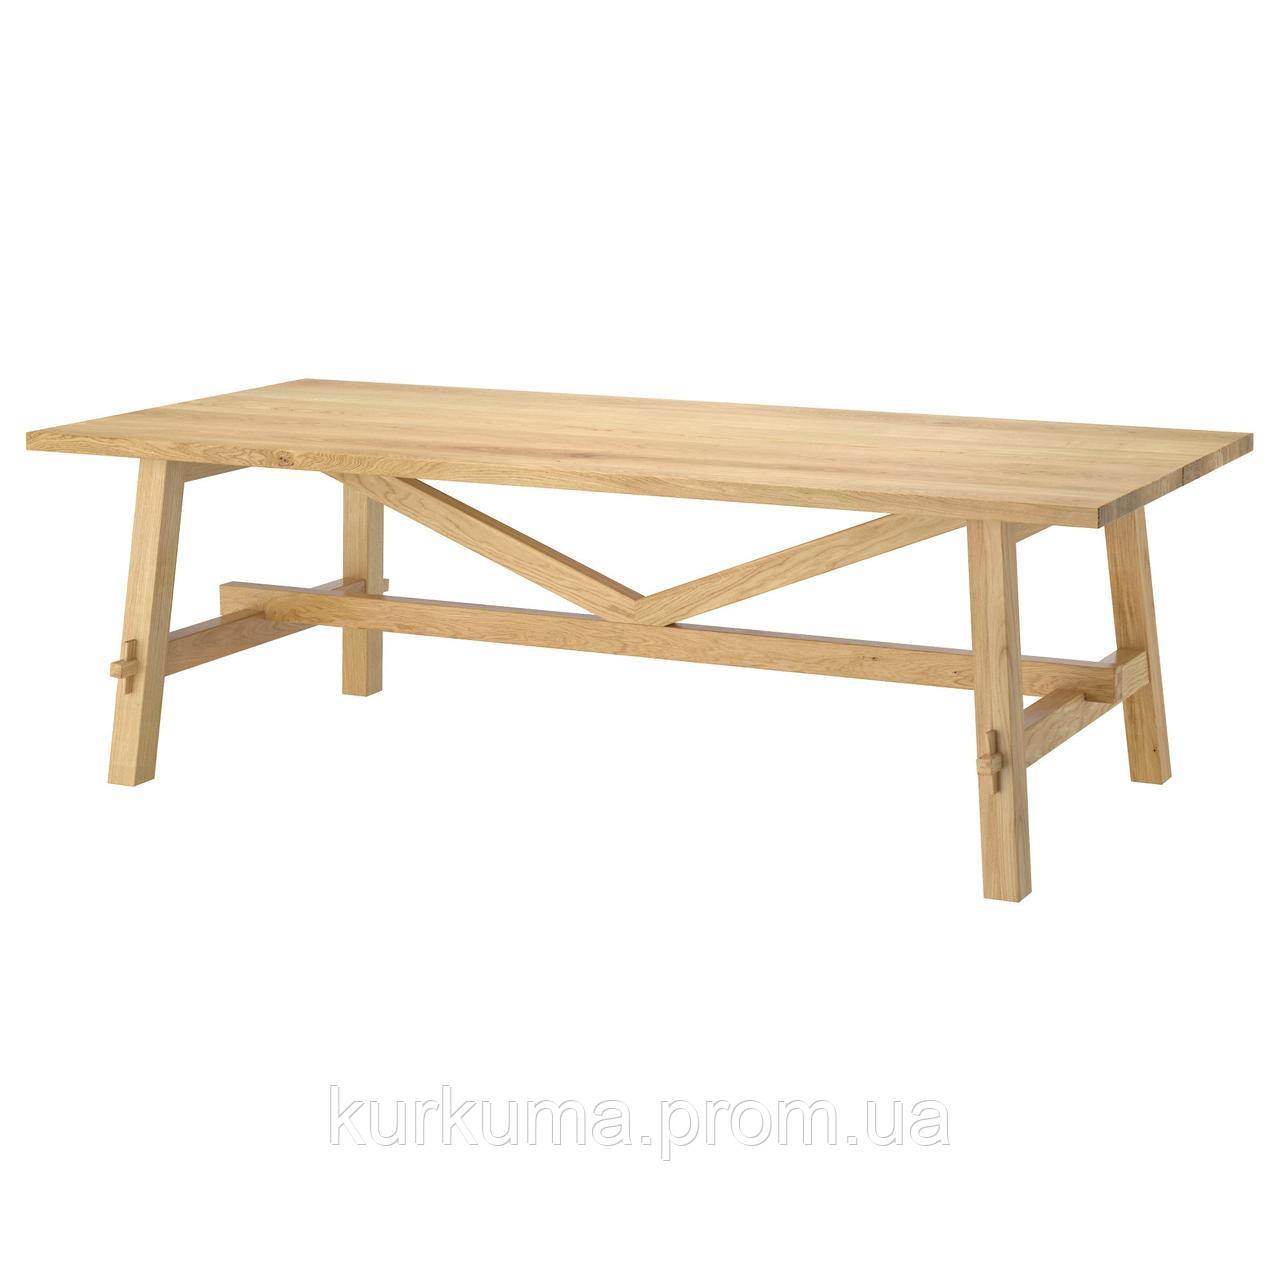 IKEA MOCKELBY Стол, дуб  (002.937.72)